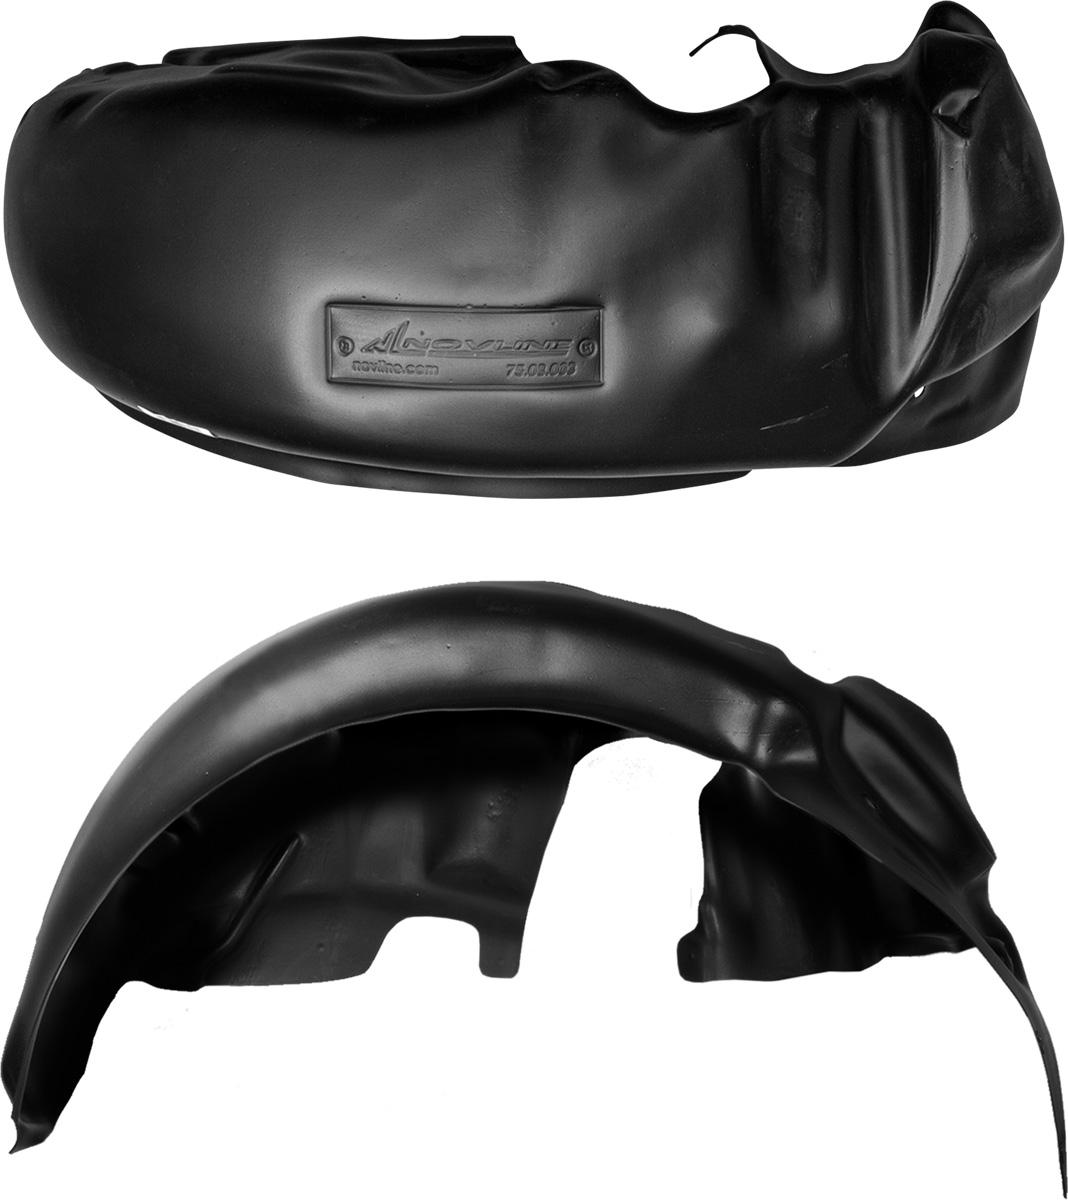 Подкрылок Novline-Autofamily, для Daewoo Matiz, 2005->, передний правый1004900000360Колесные ниши - одни из самых уязвимых зон днища вашего автомобиля. Они постоянно подвергаются воздействию со стороны дороги. Лучшая, почти абсолютная защита для них - специально отформованные пластиковые кожухи, которые называются подкрылками. Производятся они как для отечественных моделей автомобилей, так и для иномарок. Подкрылки Novline-Autofamily выполнены из высококачественного, экологически чистого пластика. Обеспечивают надежную защиту кузова автомобиля от пескоструйного эффекта и негативного влияния, агрессивных антигололедных реагентов. Пластик обладает более низкой теплопроводностью, чем металл, поэтому в зимний период эксплуатации использование пластиковых подкрылков позволяет лучше защитить колесные ниши от налипания снега и образования наледи. Оригинальность конструкции подчеркивает элегантность автомобиля, бережно защищает нанесенное на днище кузова антикоррозийное покрытие и позволяет осуществить крепление подкрылков внутри колесной арки практически без дополнительного крепежа и сверления, не нарушая при этом лакокрасочного покрытия, что предотвращает возникновение новых очагов коррозии. Подкрылки долговечны, обладают высокой прочностью и сохраняют заданную форму, а также все свои физико-механические характеристики в самых тяжелых климатических условиях (от -50°С до +50°С).Уважаемые клиенты!Обращаем ваше внимание, на тот факт, что подкрылок имеет форму, соответствующую модели данного автомобиля. Фото служит для визуального восприятия товара.